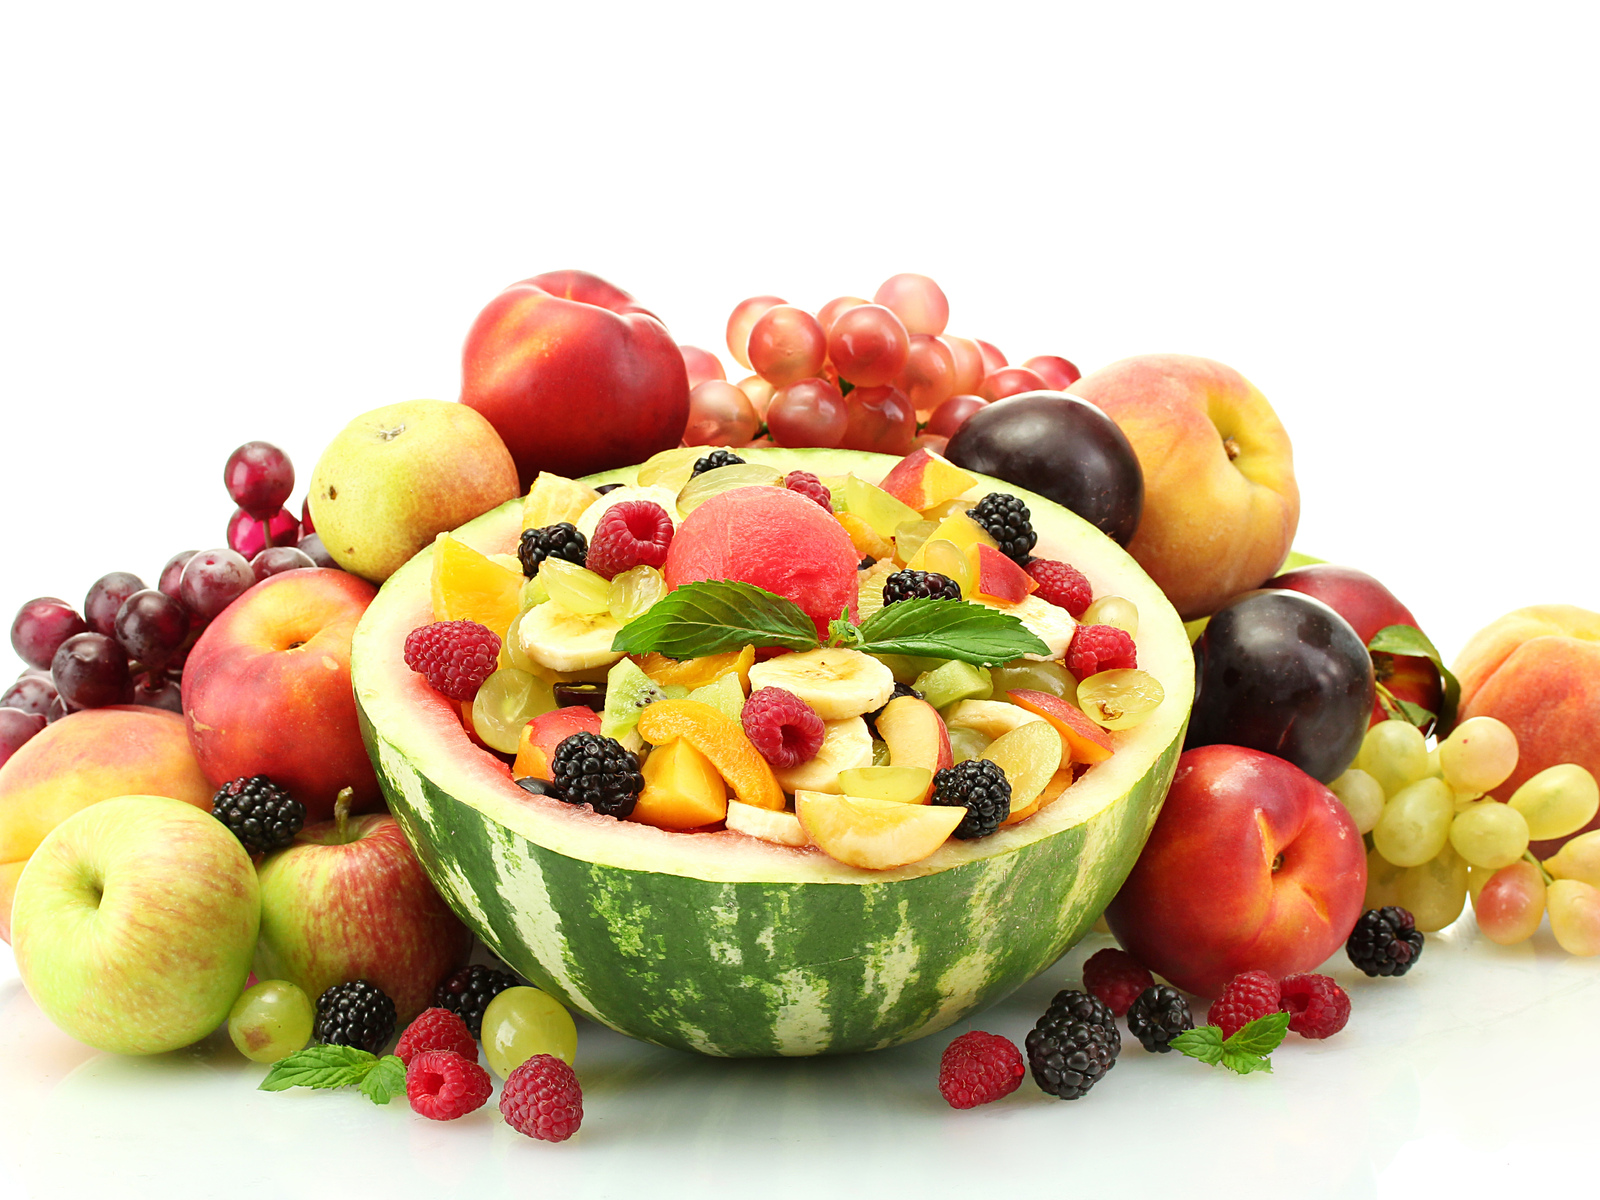 Фрукты и ягоды должны быть качественные